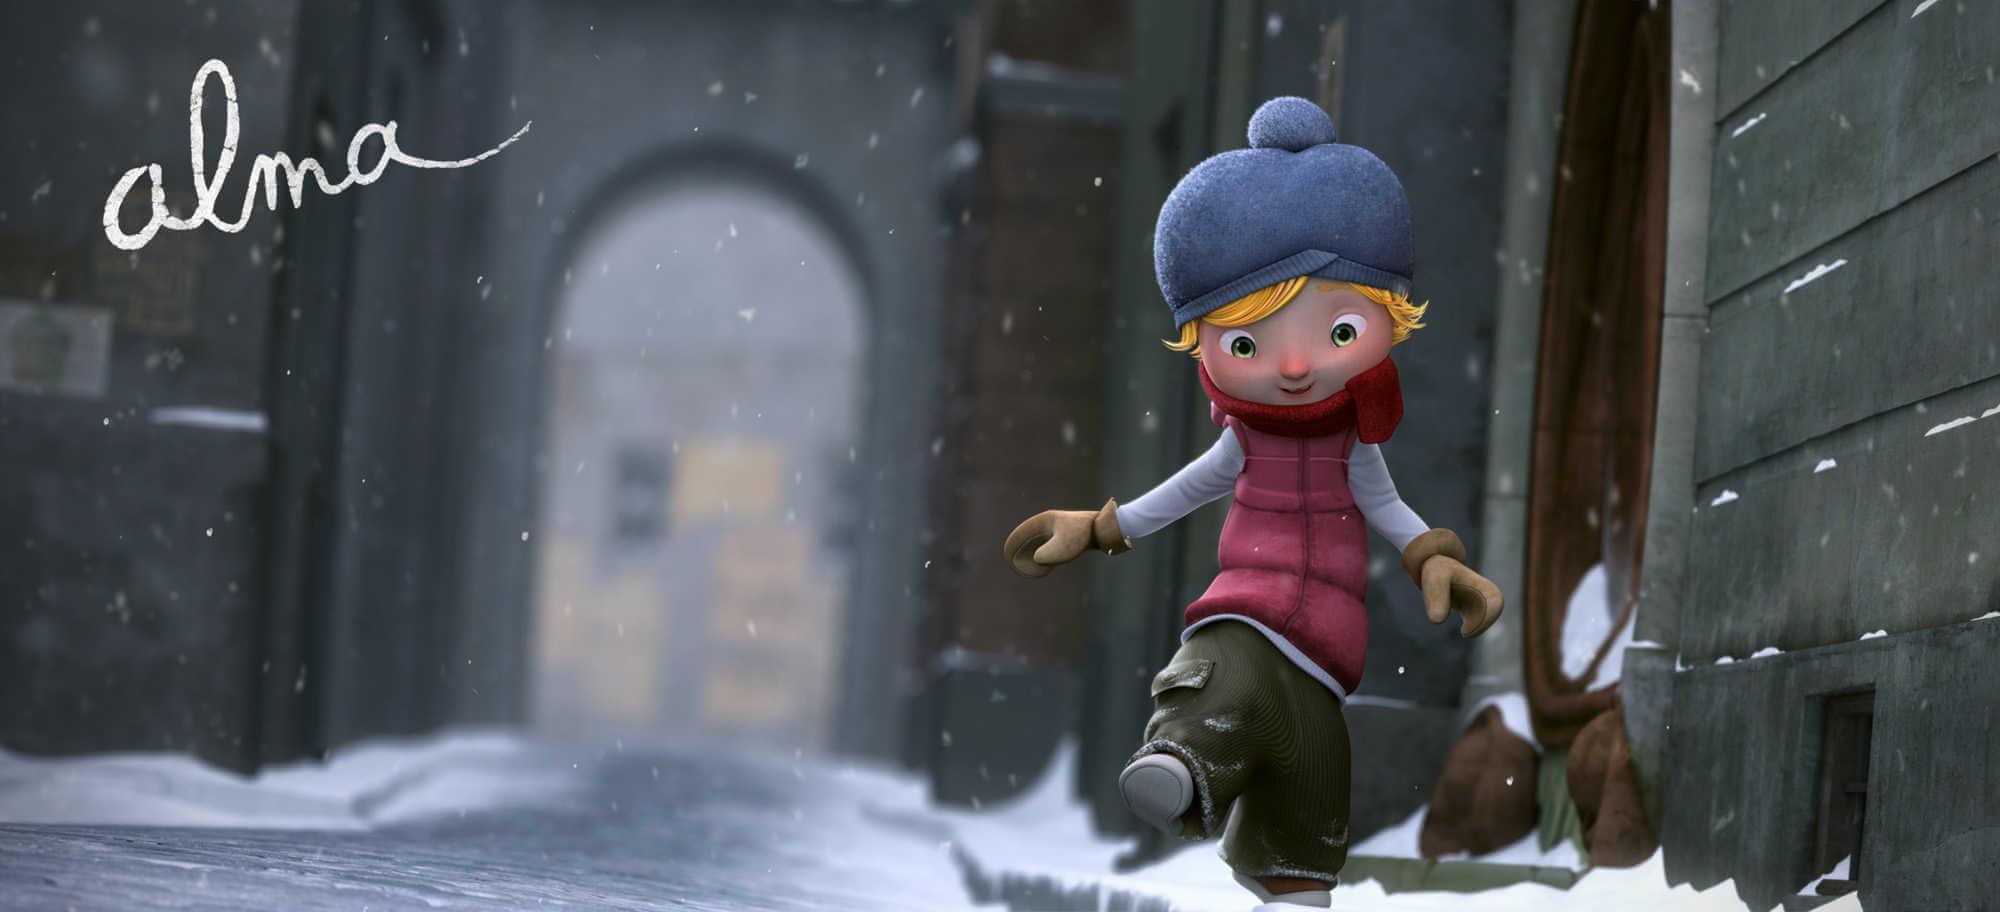 Fotograma de Alma cortometraje de animación